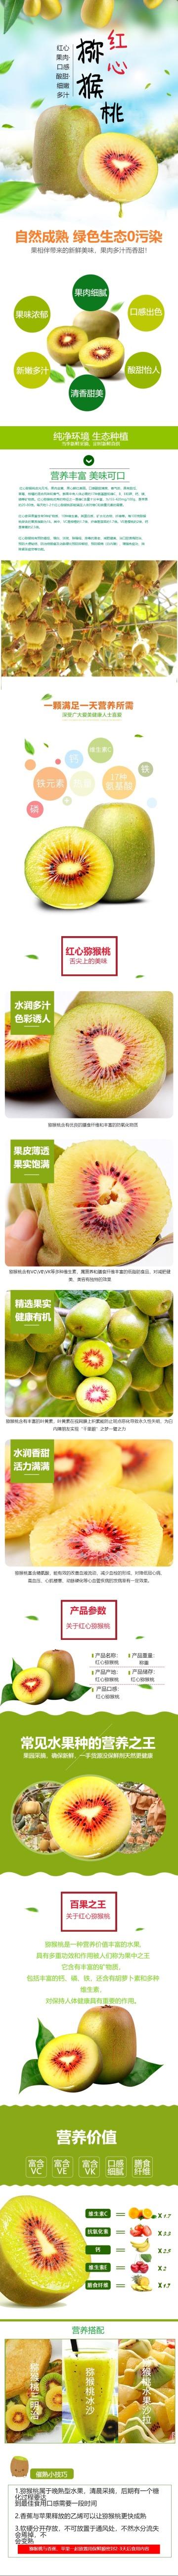 清新简约百货零售水果红心猕猴桃促销电商详情页